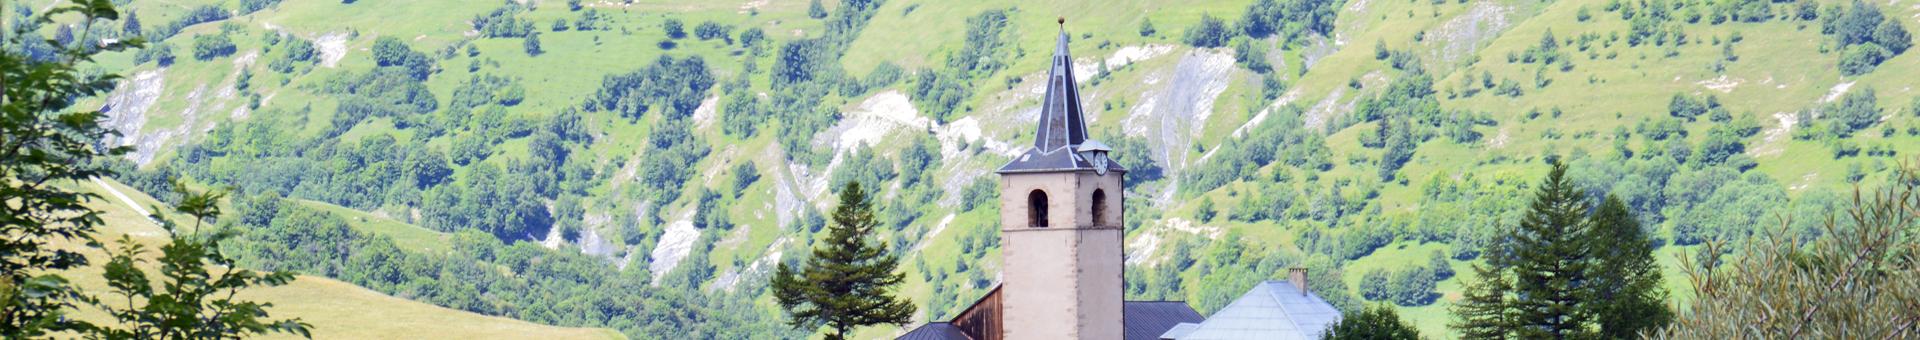 Eglise de La Tour à Saint Jean d'Arves